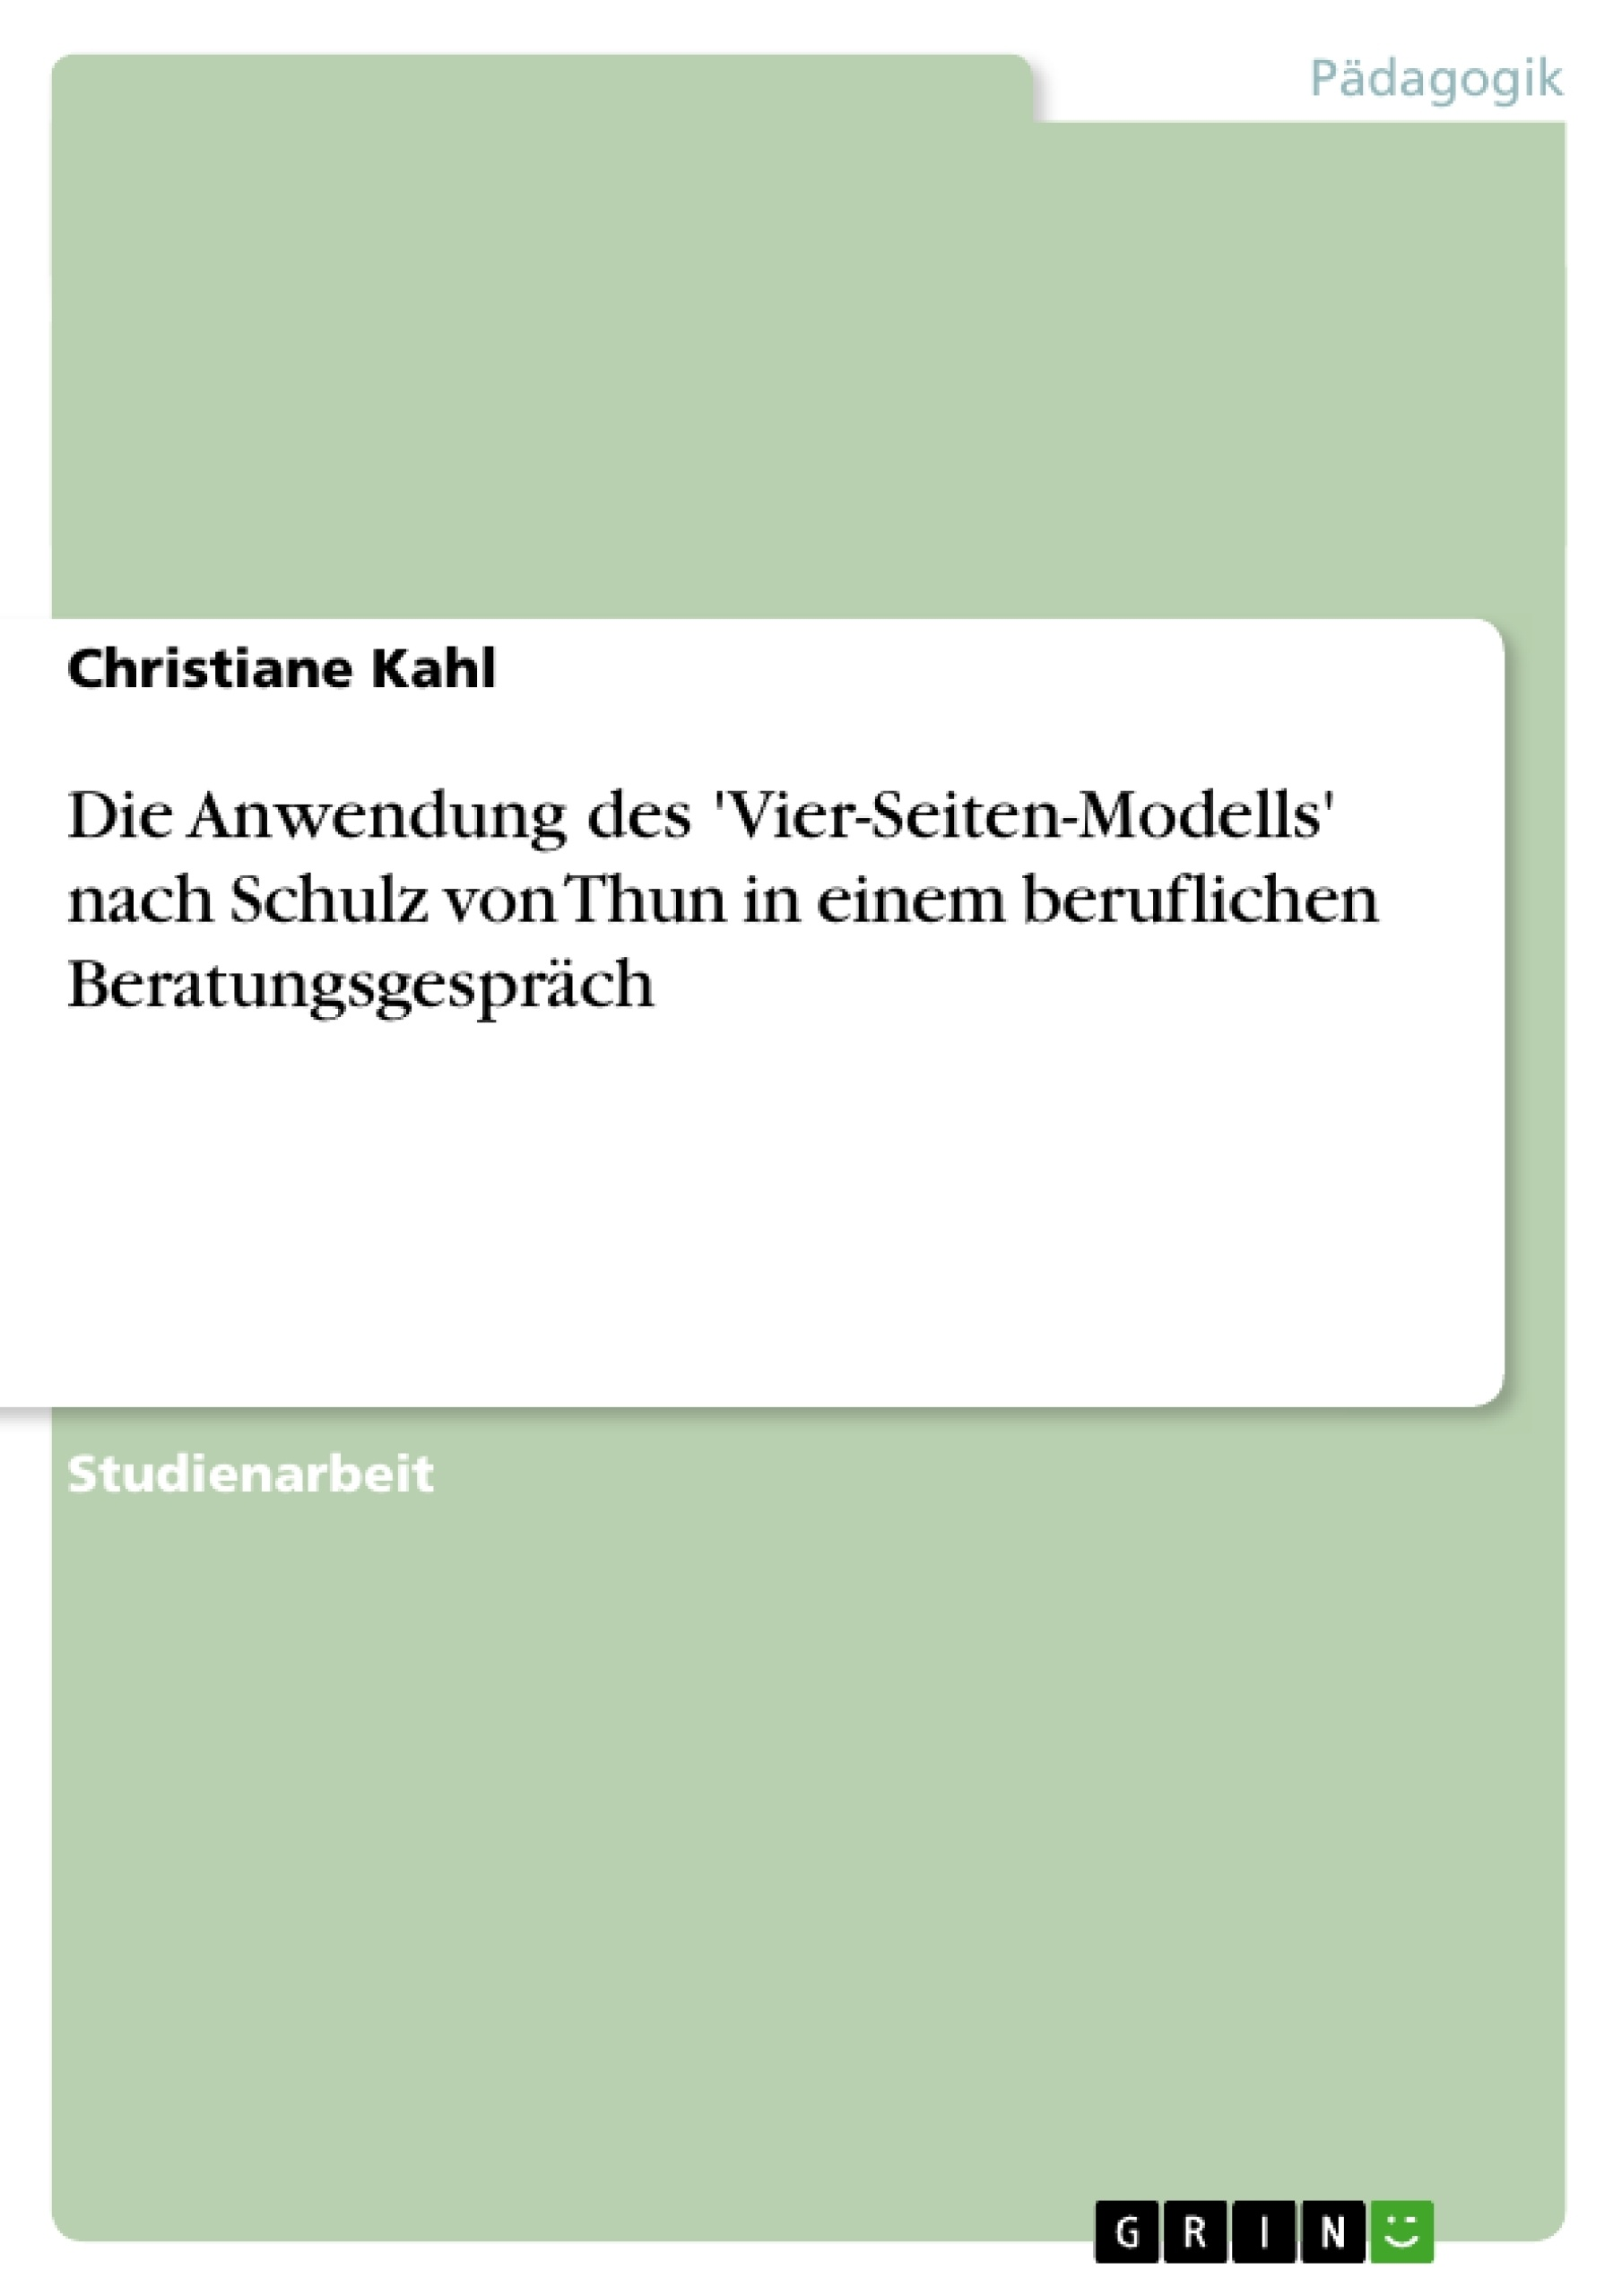 Titel: Die Anwendung des 'Vier-Seiten-Modells' nach Schulz von Thun in einem beruflichen Beratungsgespräch